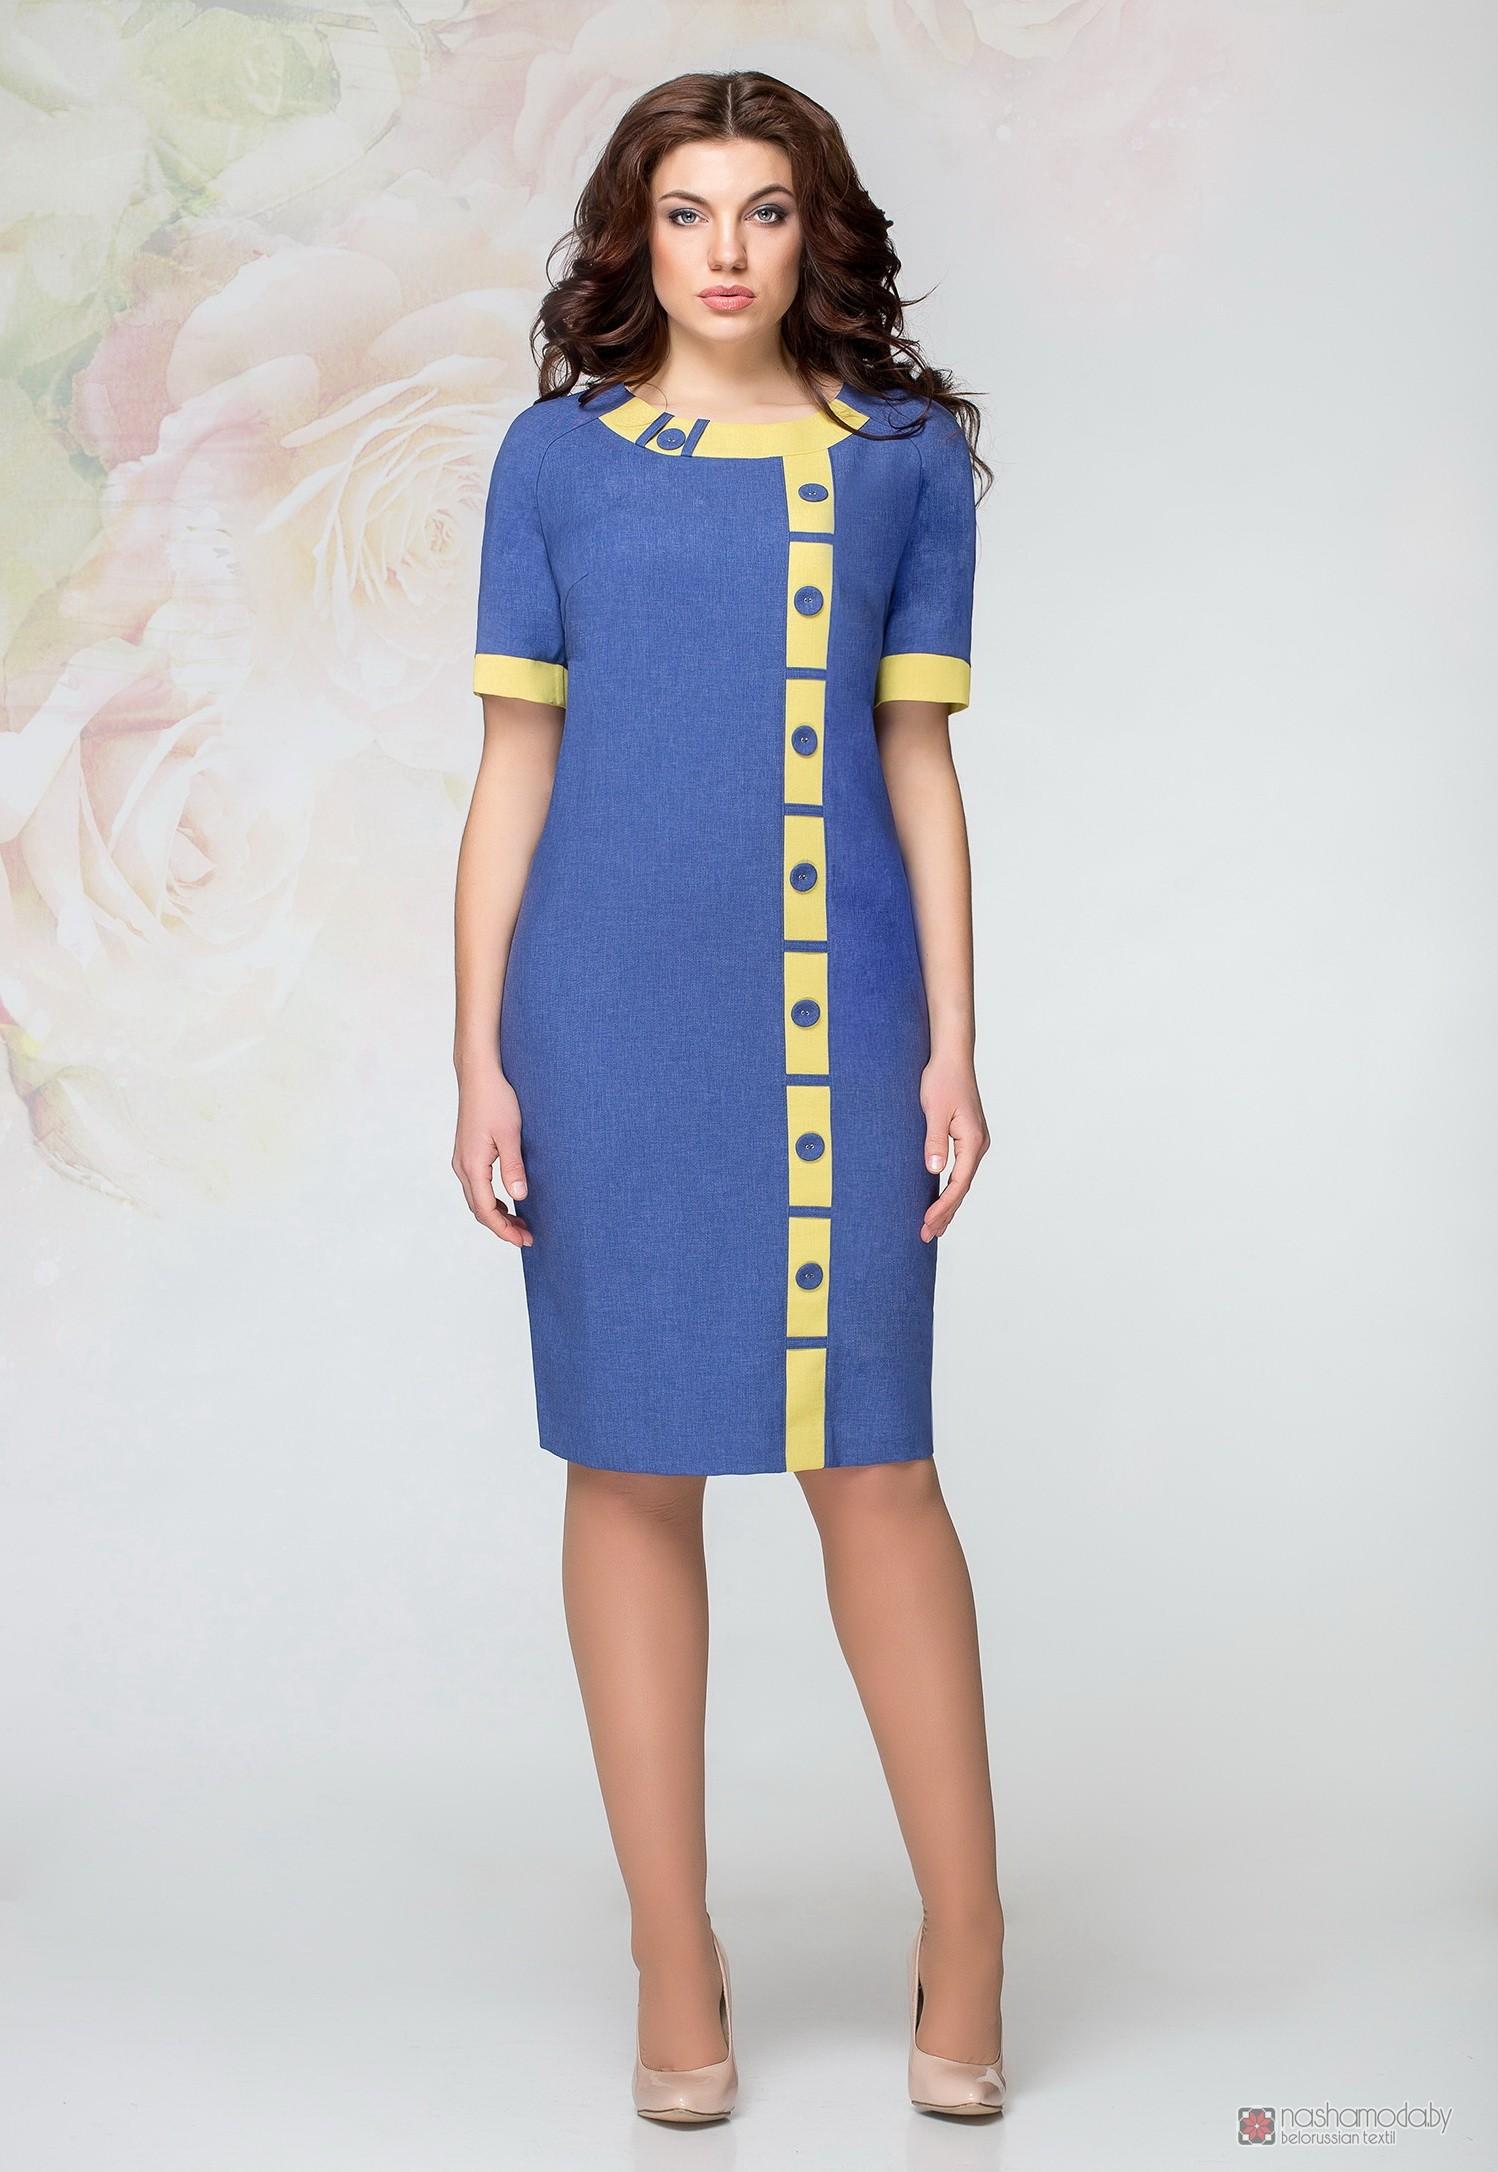 Женская одежда в розницу по оптовым ценам